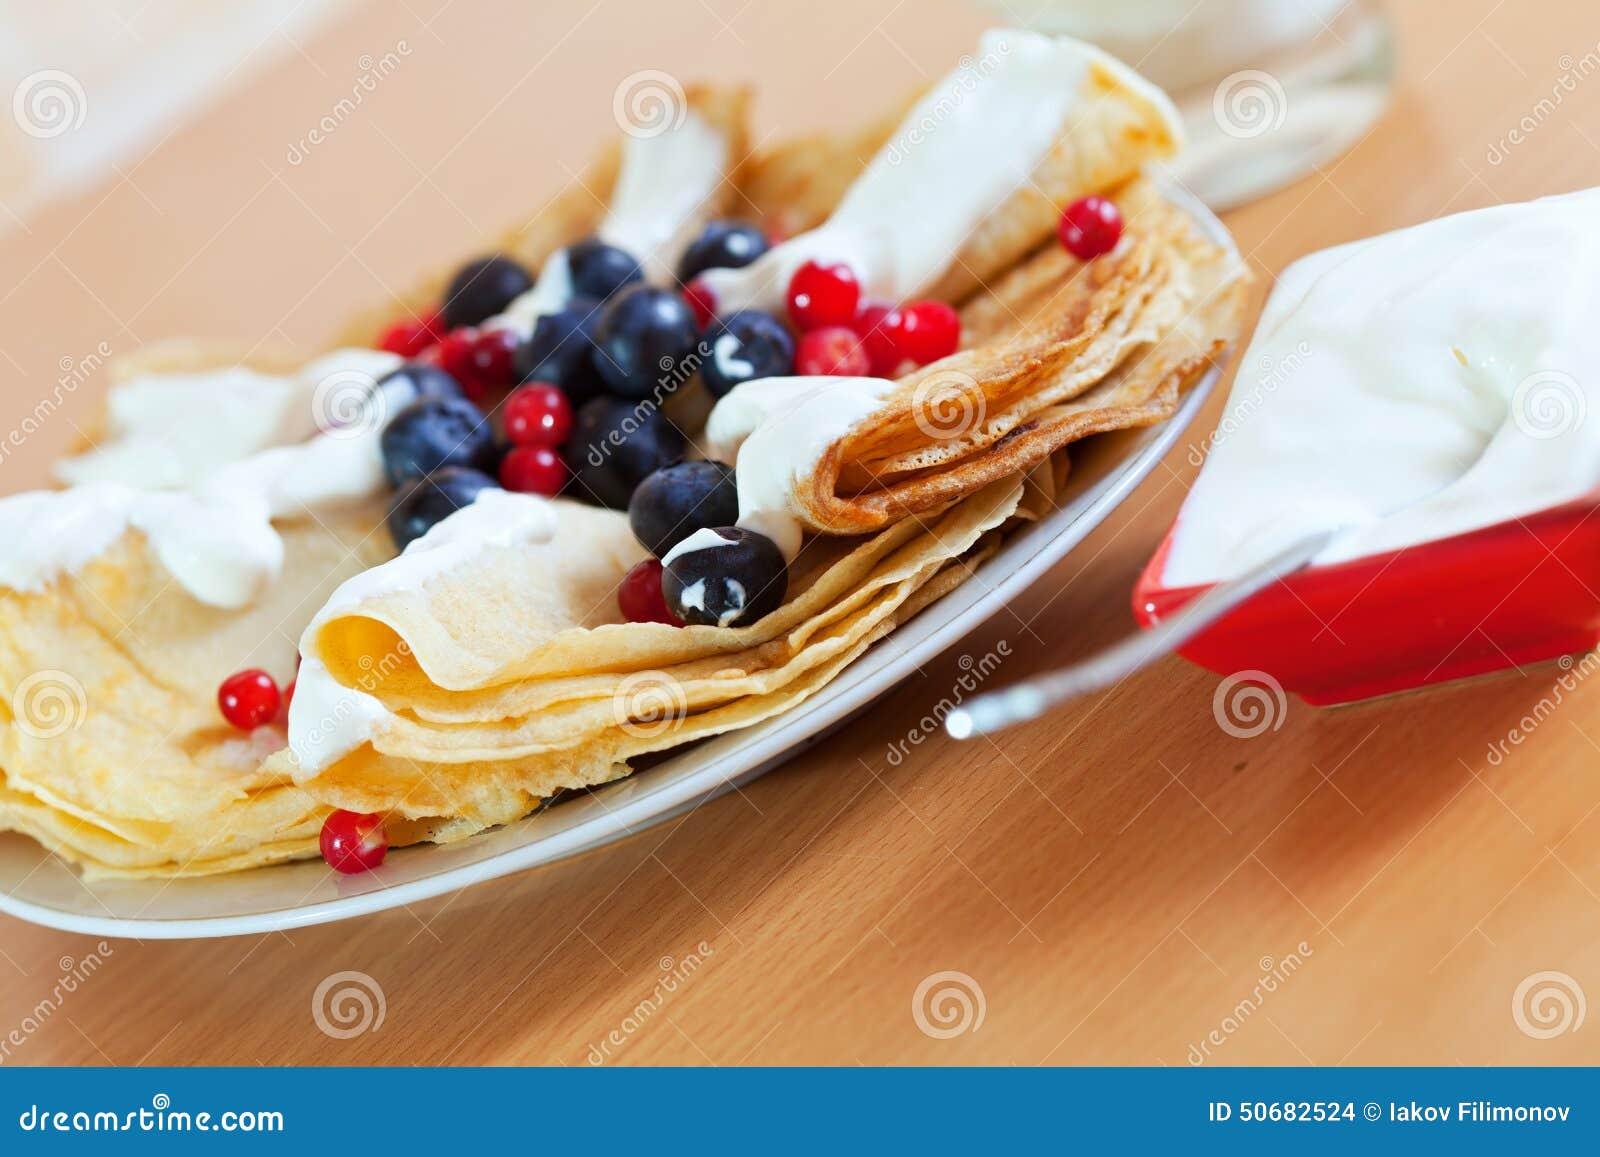 Download 鲜美早餐甜薄煎饼用莓果 库存照片. 图片 包括有 关闭, 餐具, 不健康, 奶油, 牛奶店, 蓝莓, 美食 - 50682524